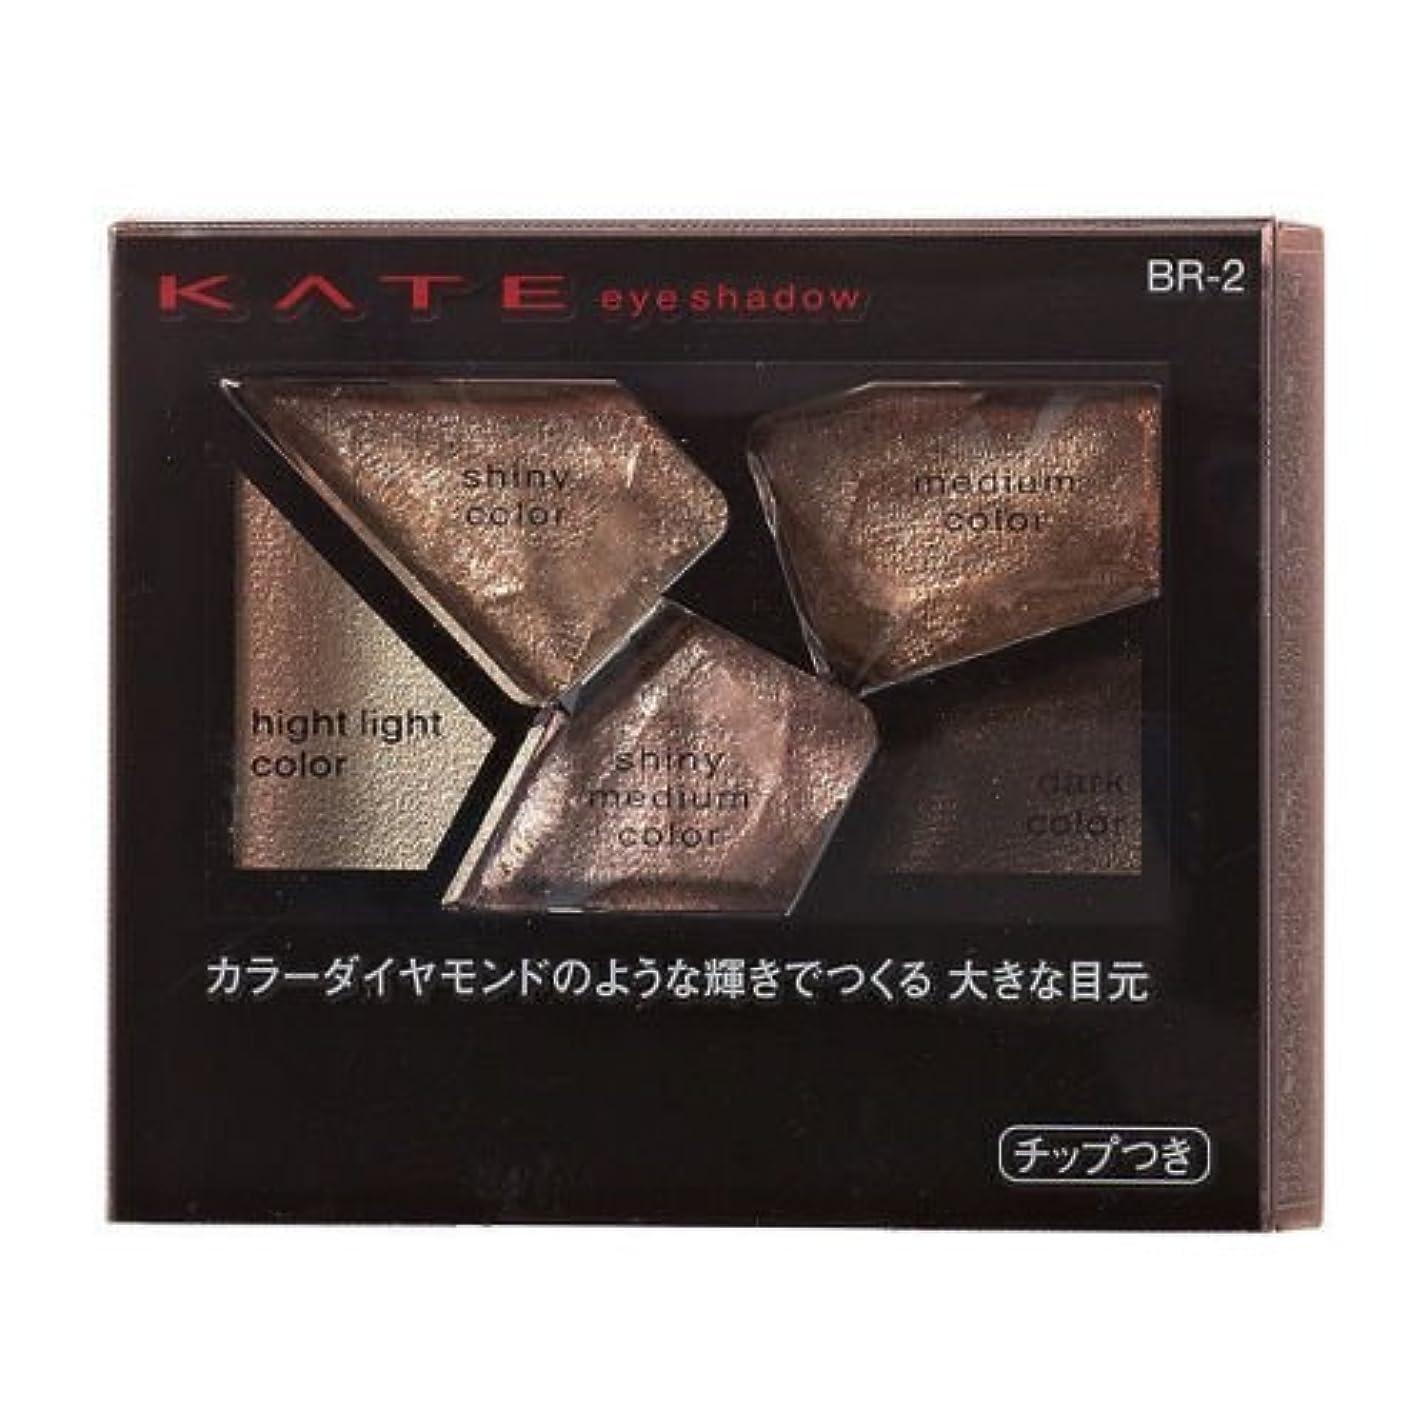 中断コンピューター熟読【カネボウ】ケイト カラーシャスダイヤモンド #BR-2 2.8g